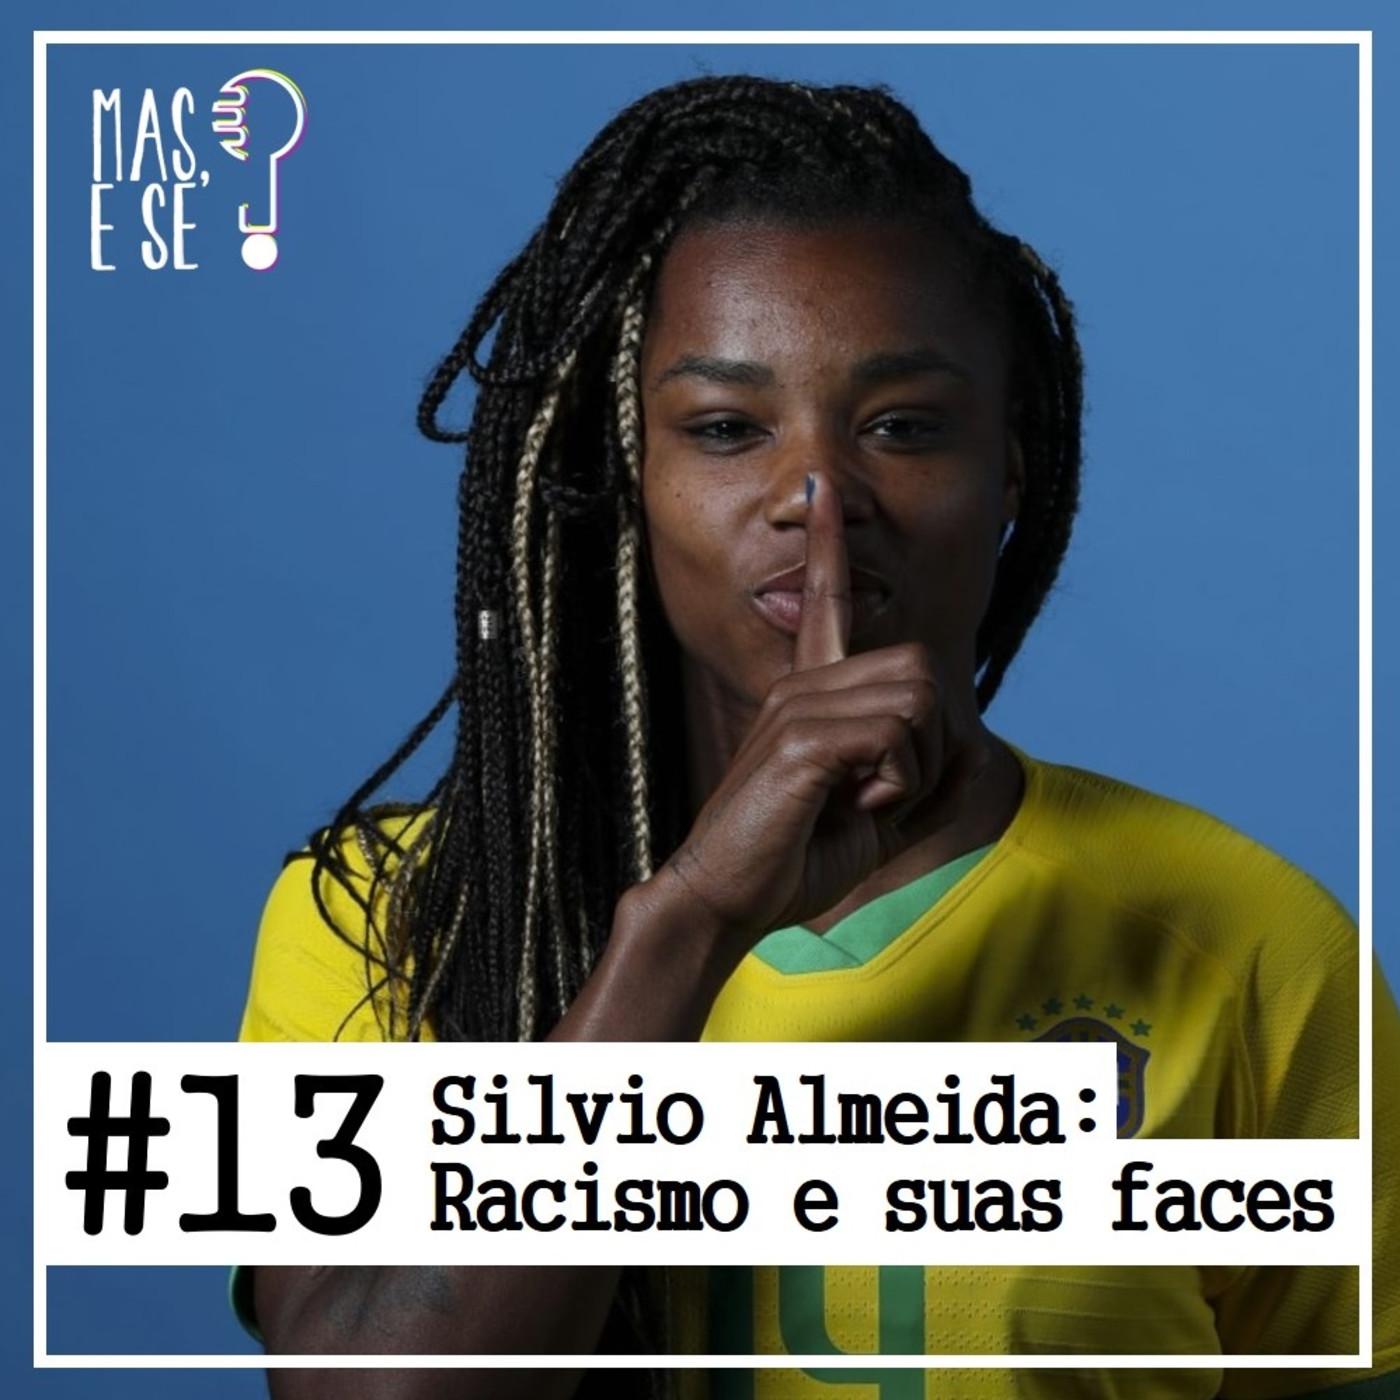 Mas e se? #13 Silvio Almeida: racismo e suas faces